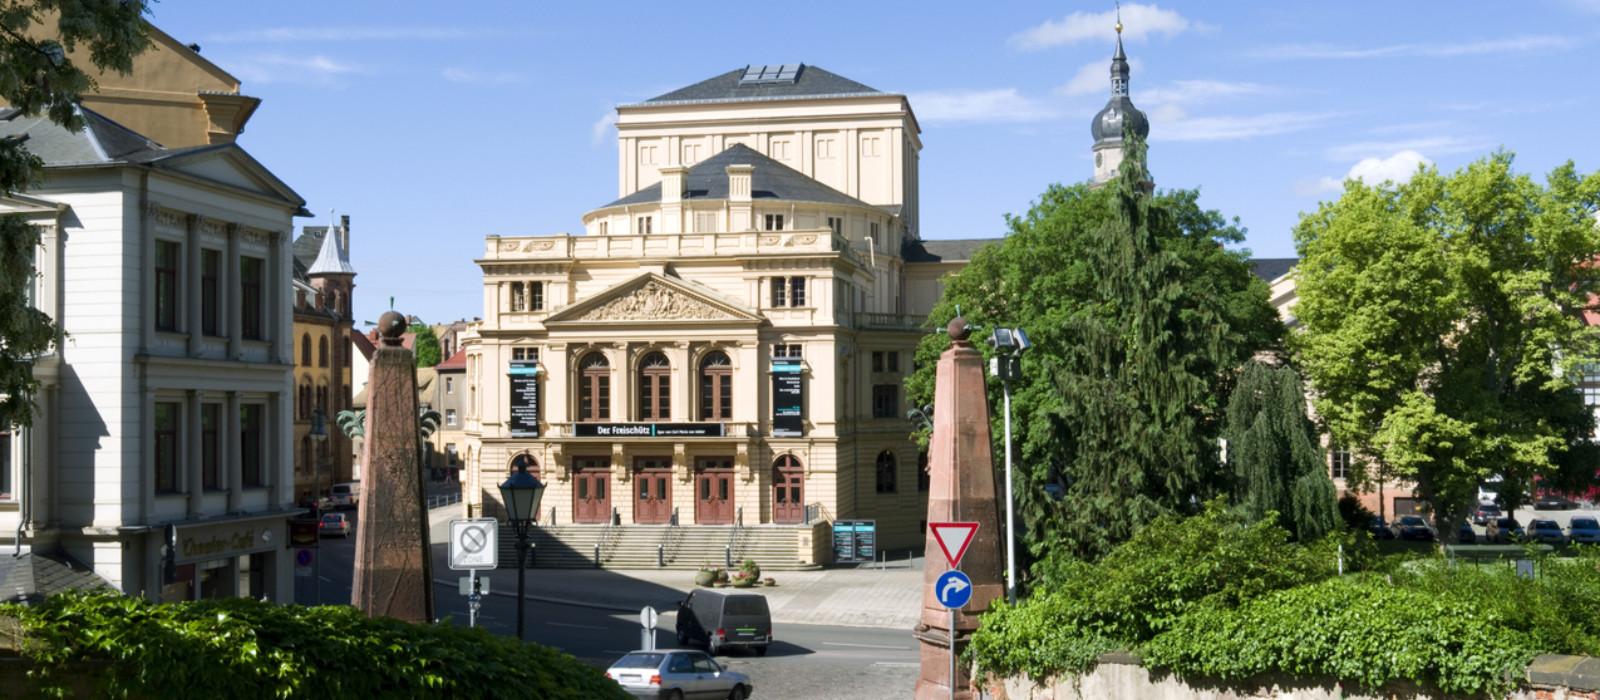 CityBootCamp in Altenburg